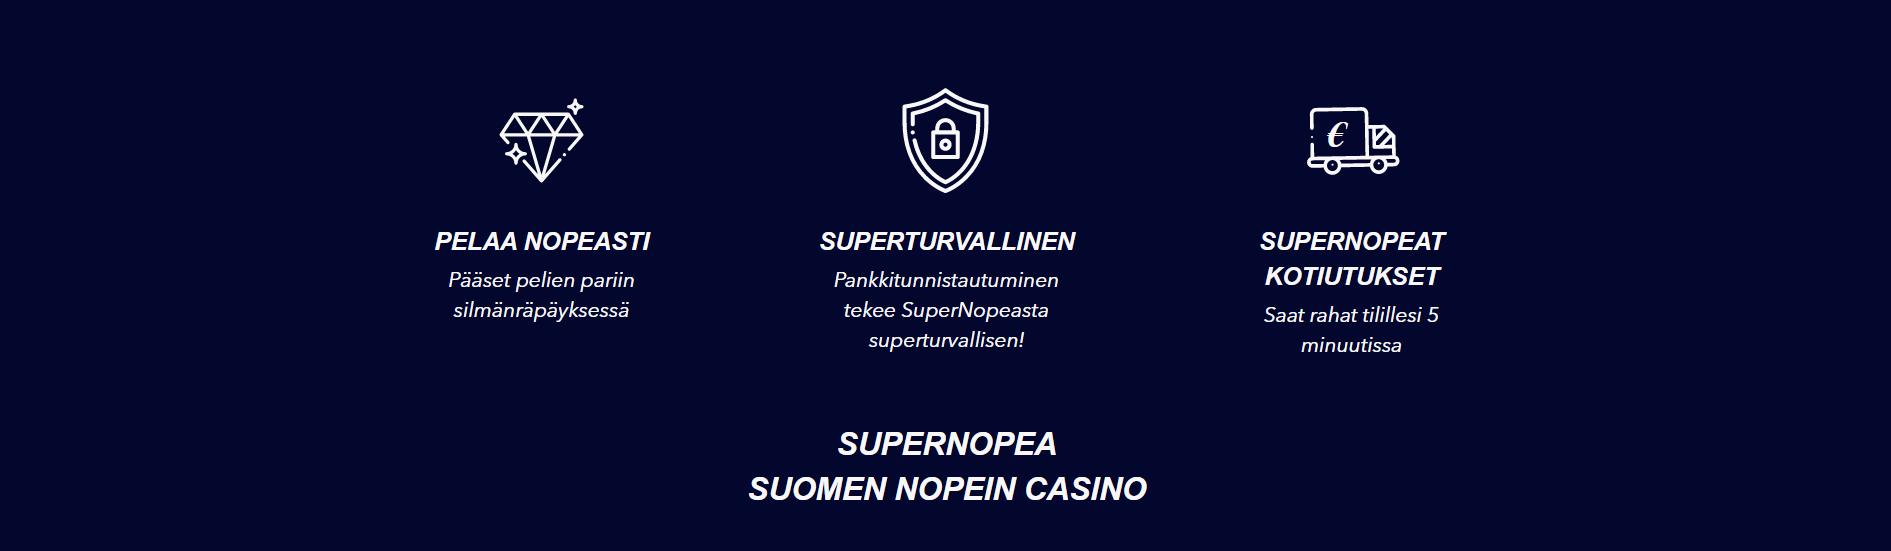 supernopea